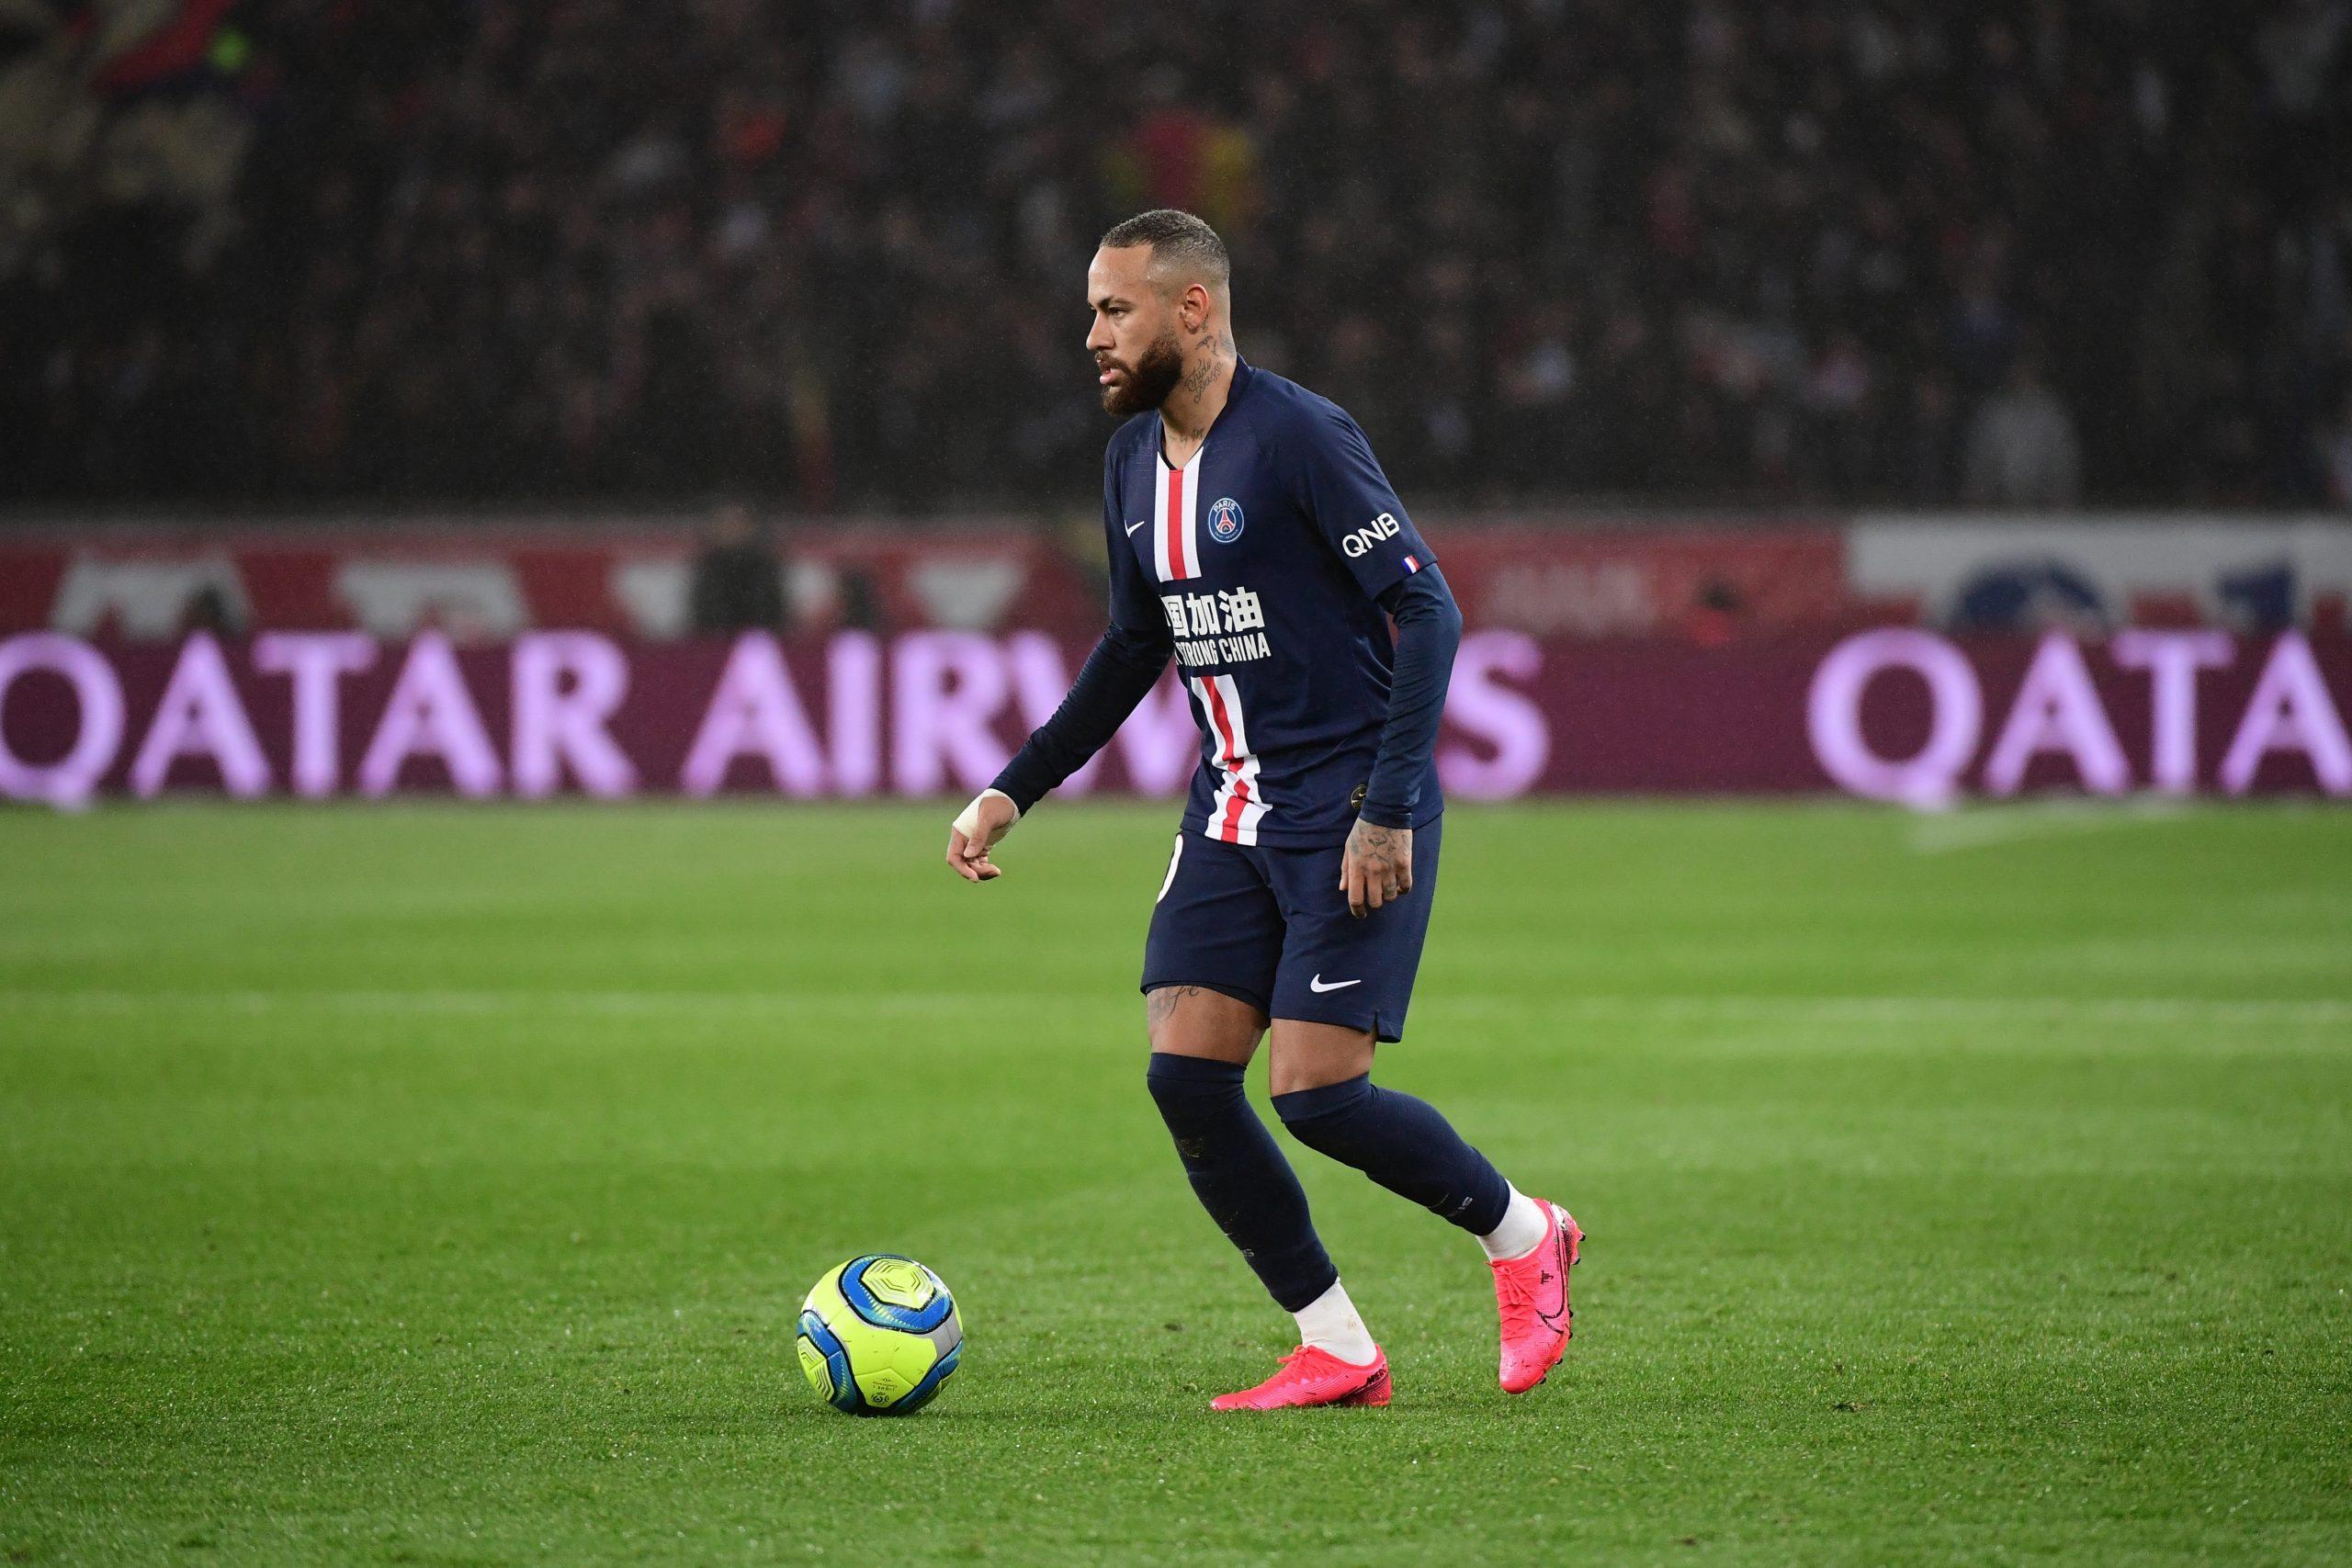 """Neymar a """"refusé de s'entraîner"""" au lendemain de la victoire contre Dijon, selon L'Equipe"""